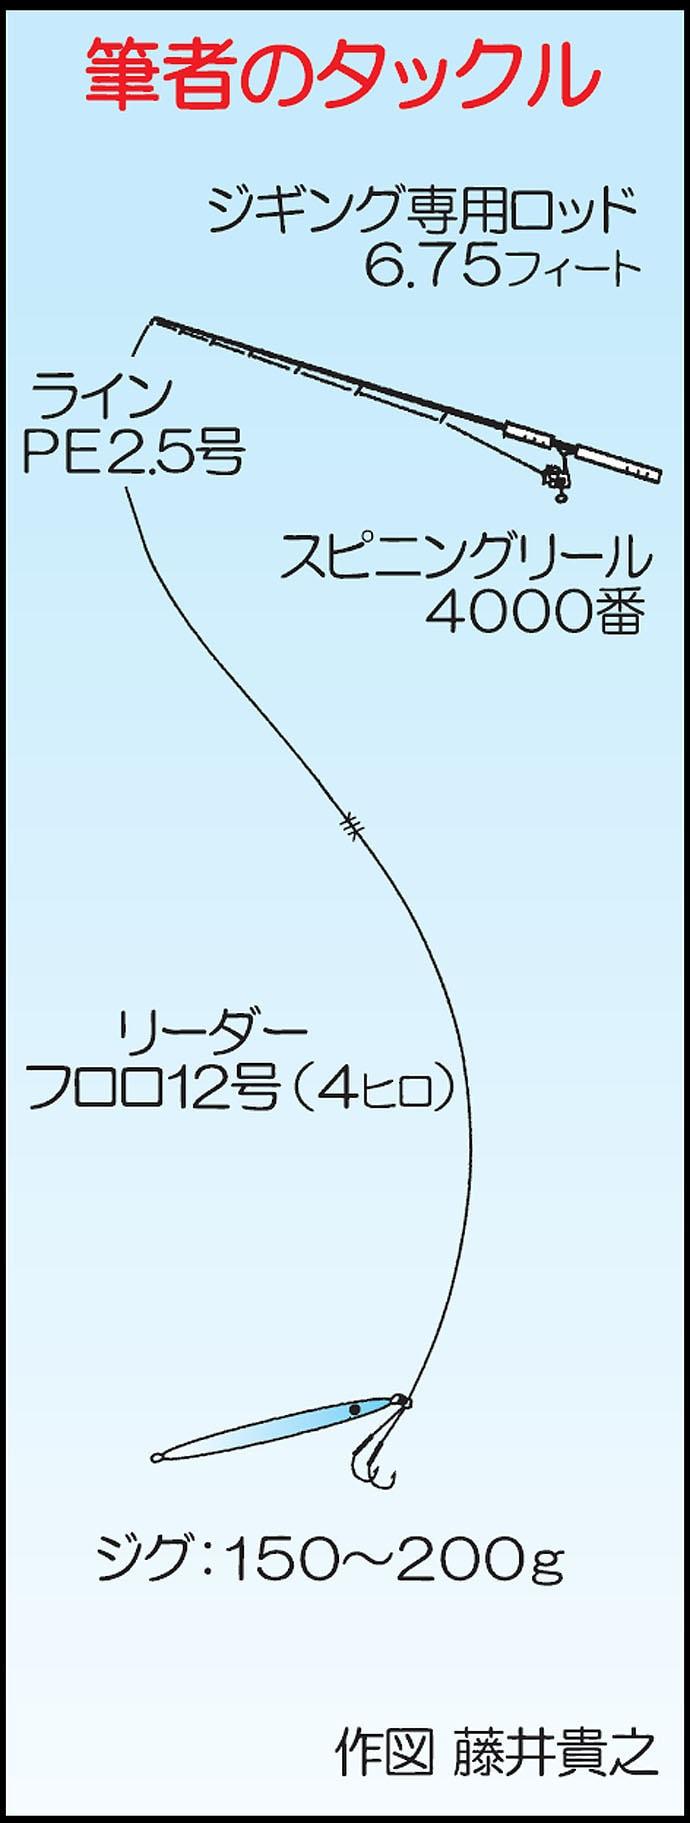 オフショアジギング!8kgヒラマサ頭に青物多数!【山口県・進洋丸】